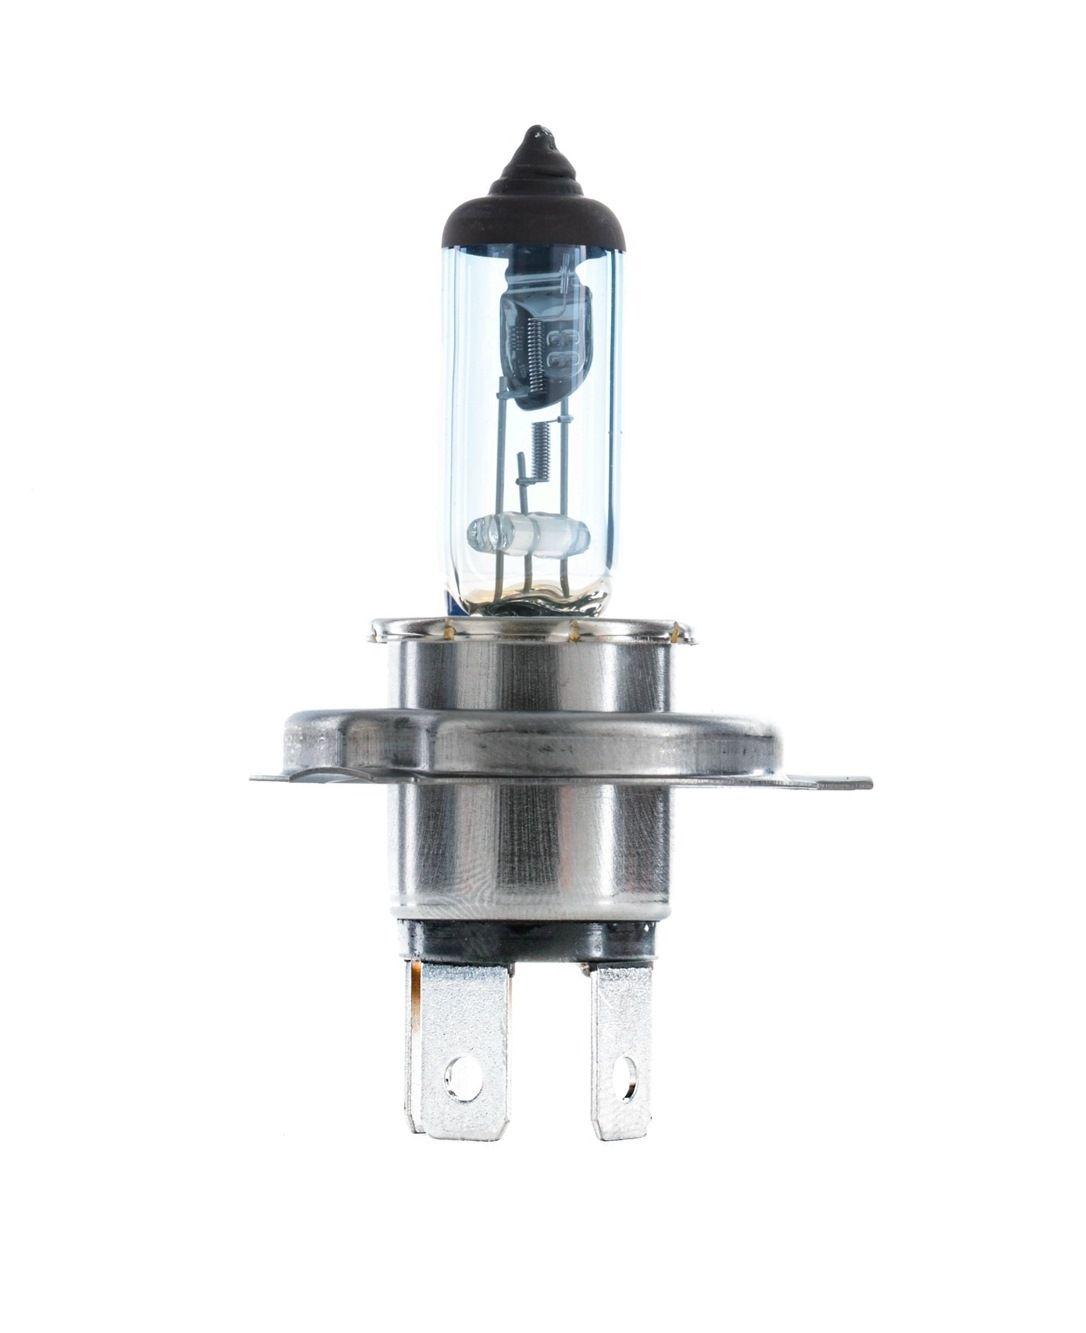 12V6055WH4XENONBLUE BOSCH 60/55W, 12V, H4 Glühlampe, Fernscheinwerfer 1 987 302 045 günstig kaufen